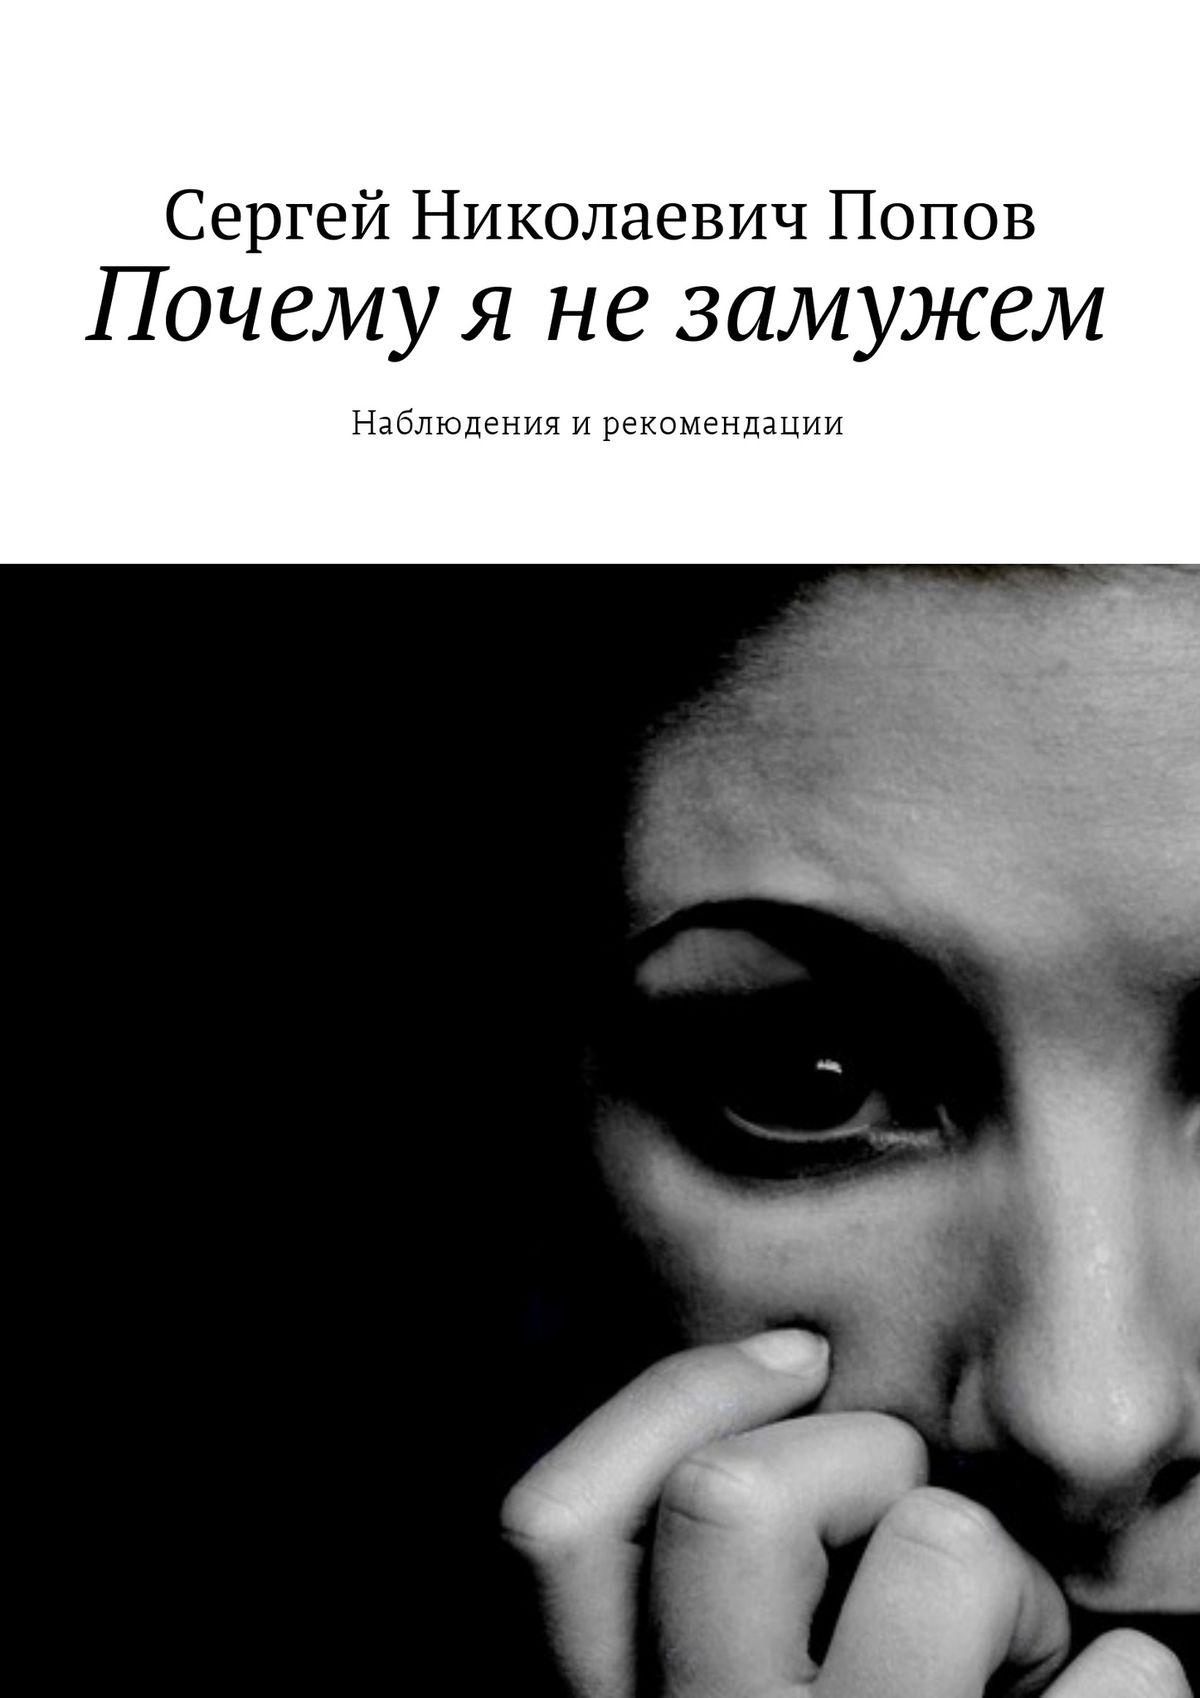 Сергей Николаевич Попов Почему я не замужем. Наблюдения и рекомендации детство лидера